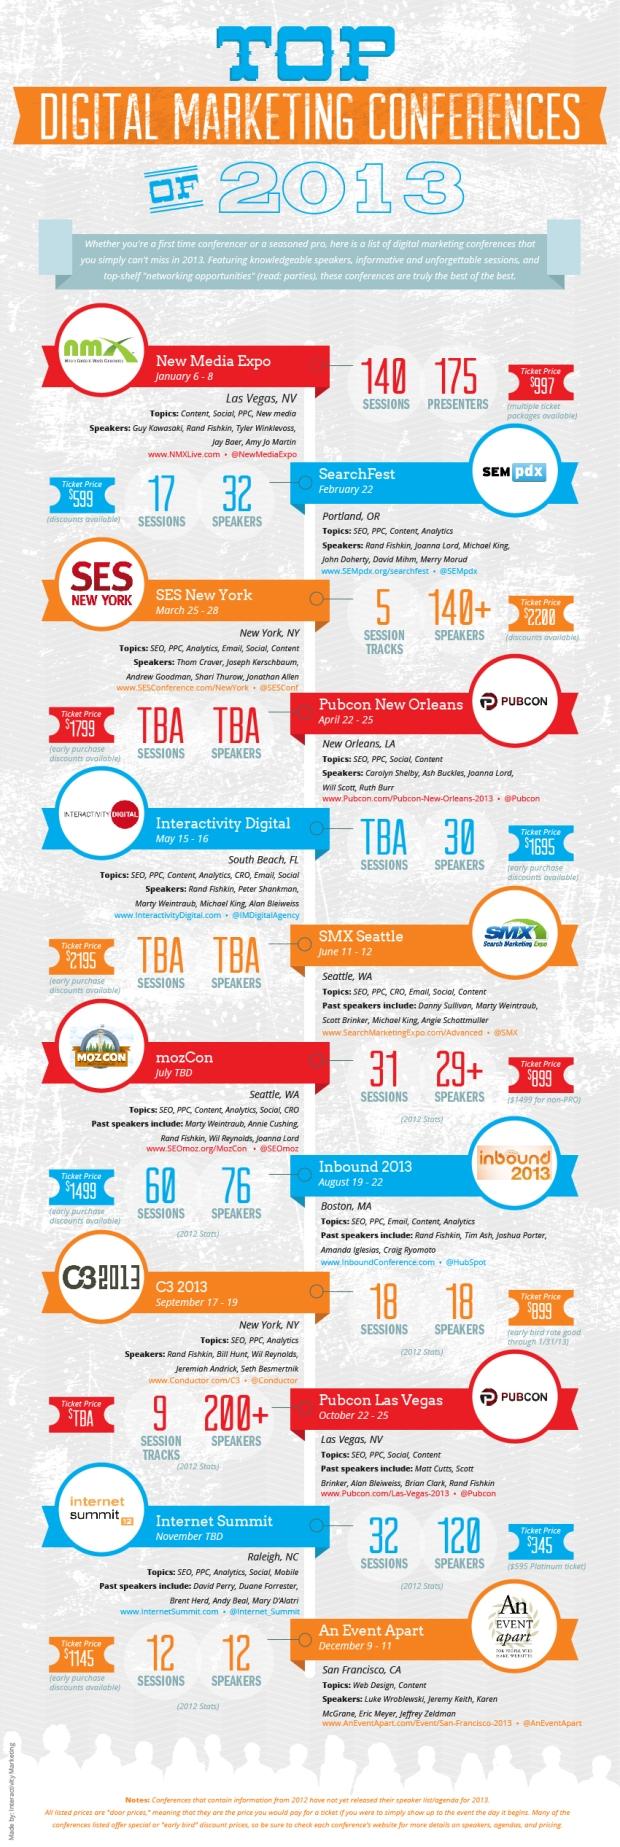 top-digital-marketing-conferences-of-2013_50e6e87ac3e0e